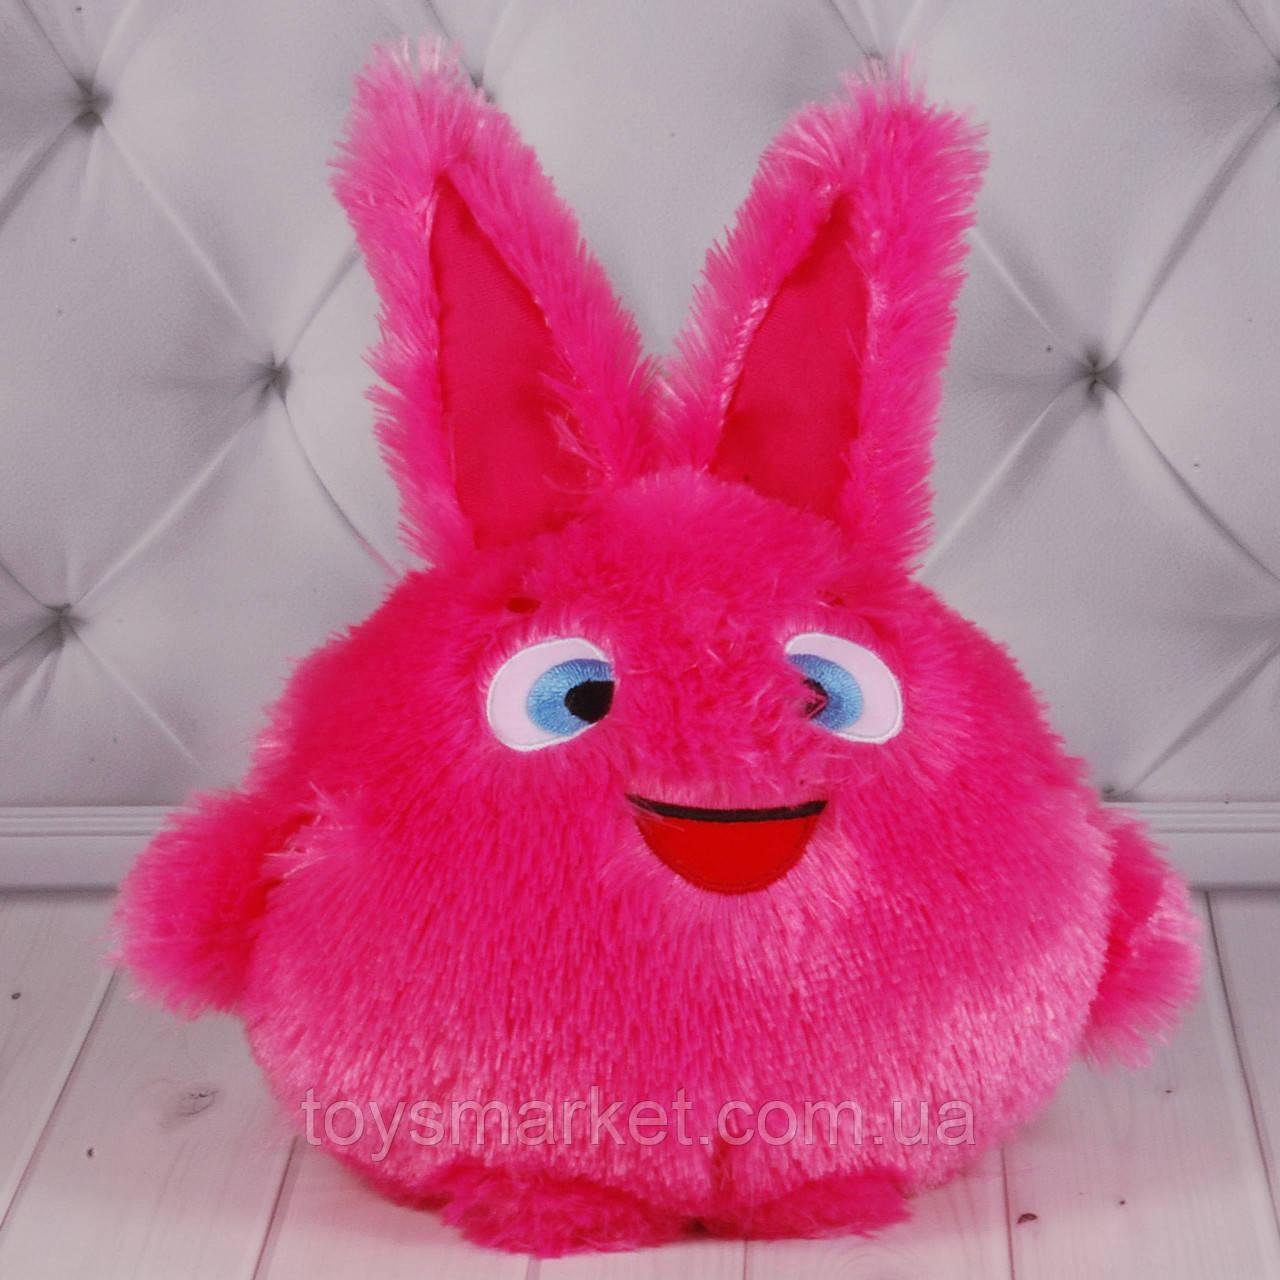 """Мягкая игрушка зайчик Большой Бу """"Солнечные зайчики"""", игрушки из """"Sunny Bunnies"""""""